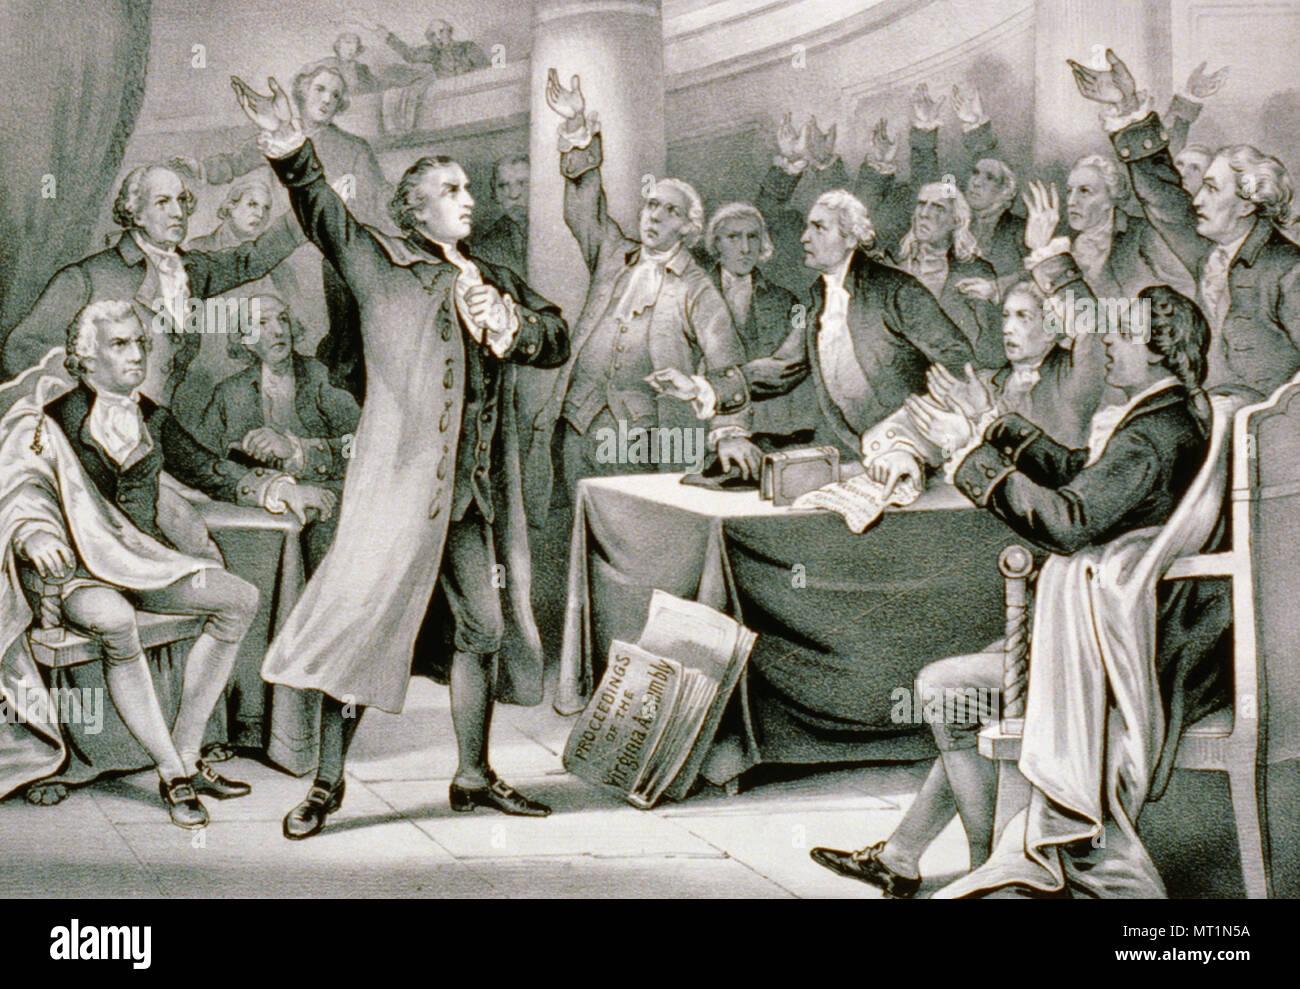 """Patrick Henry (1736 - 1799) procureur américain, semoir, et orateur bien connu pour sa déclaration: """"Donnez-moi la liberté, ou me donner la mort!"""" Photo Stock"""